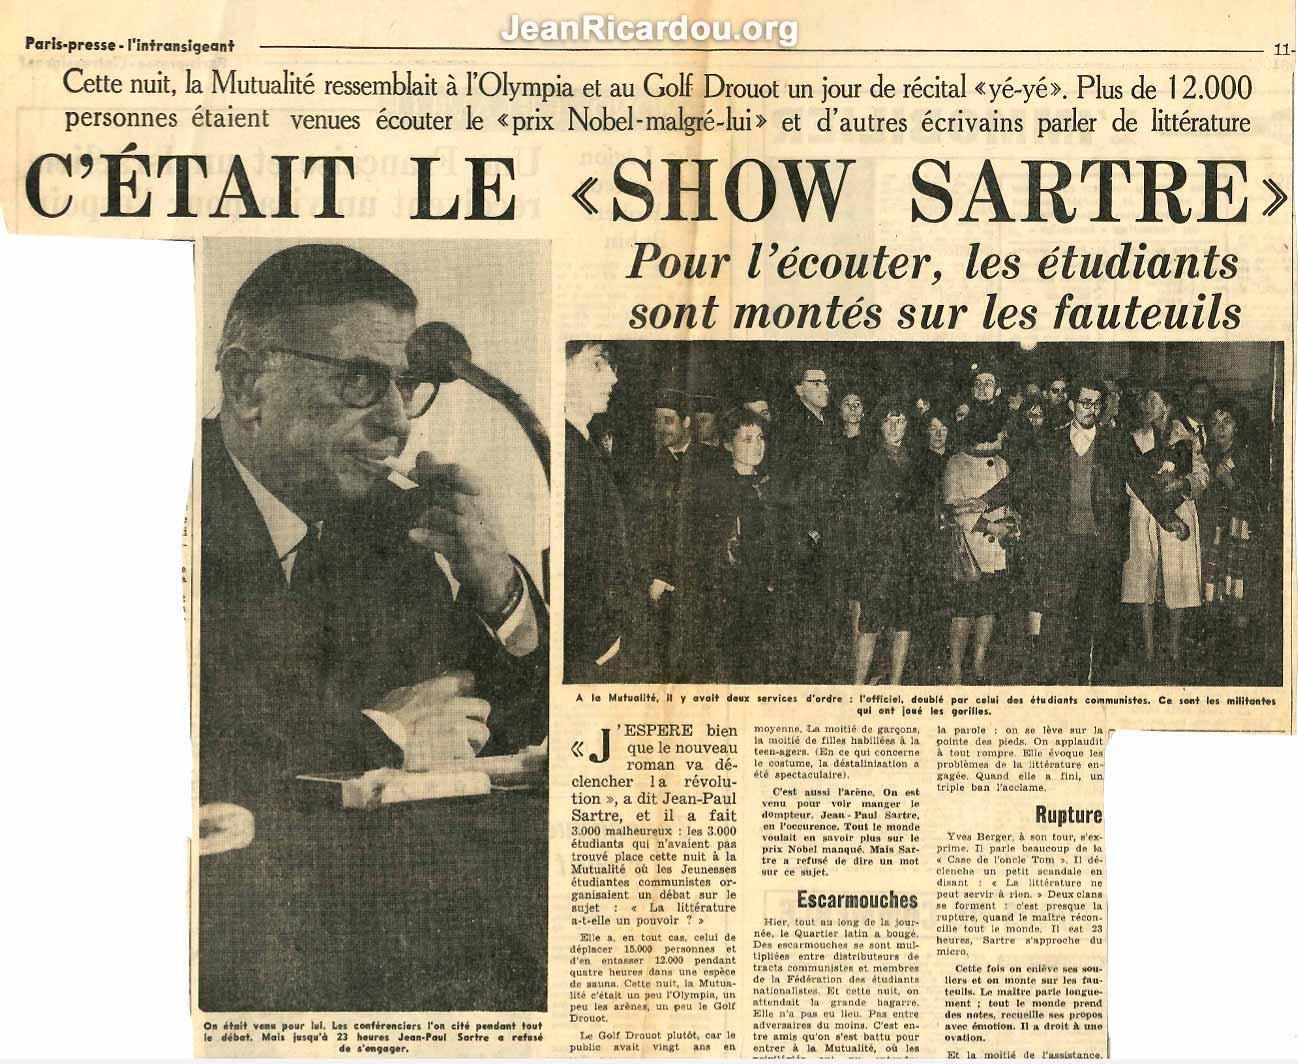 Article du Paris-presse L'intransigeant relatant la soirée de la Mutualité